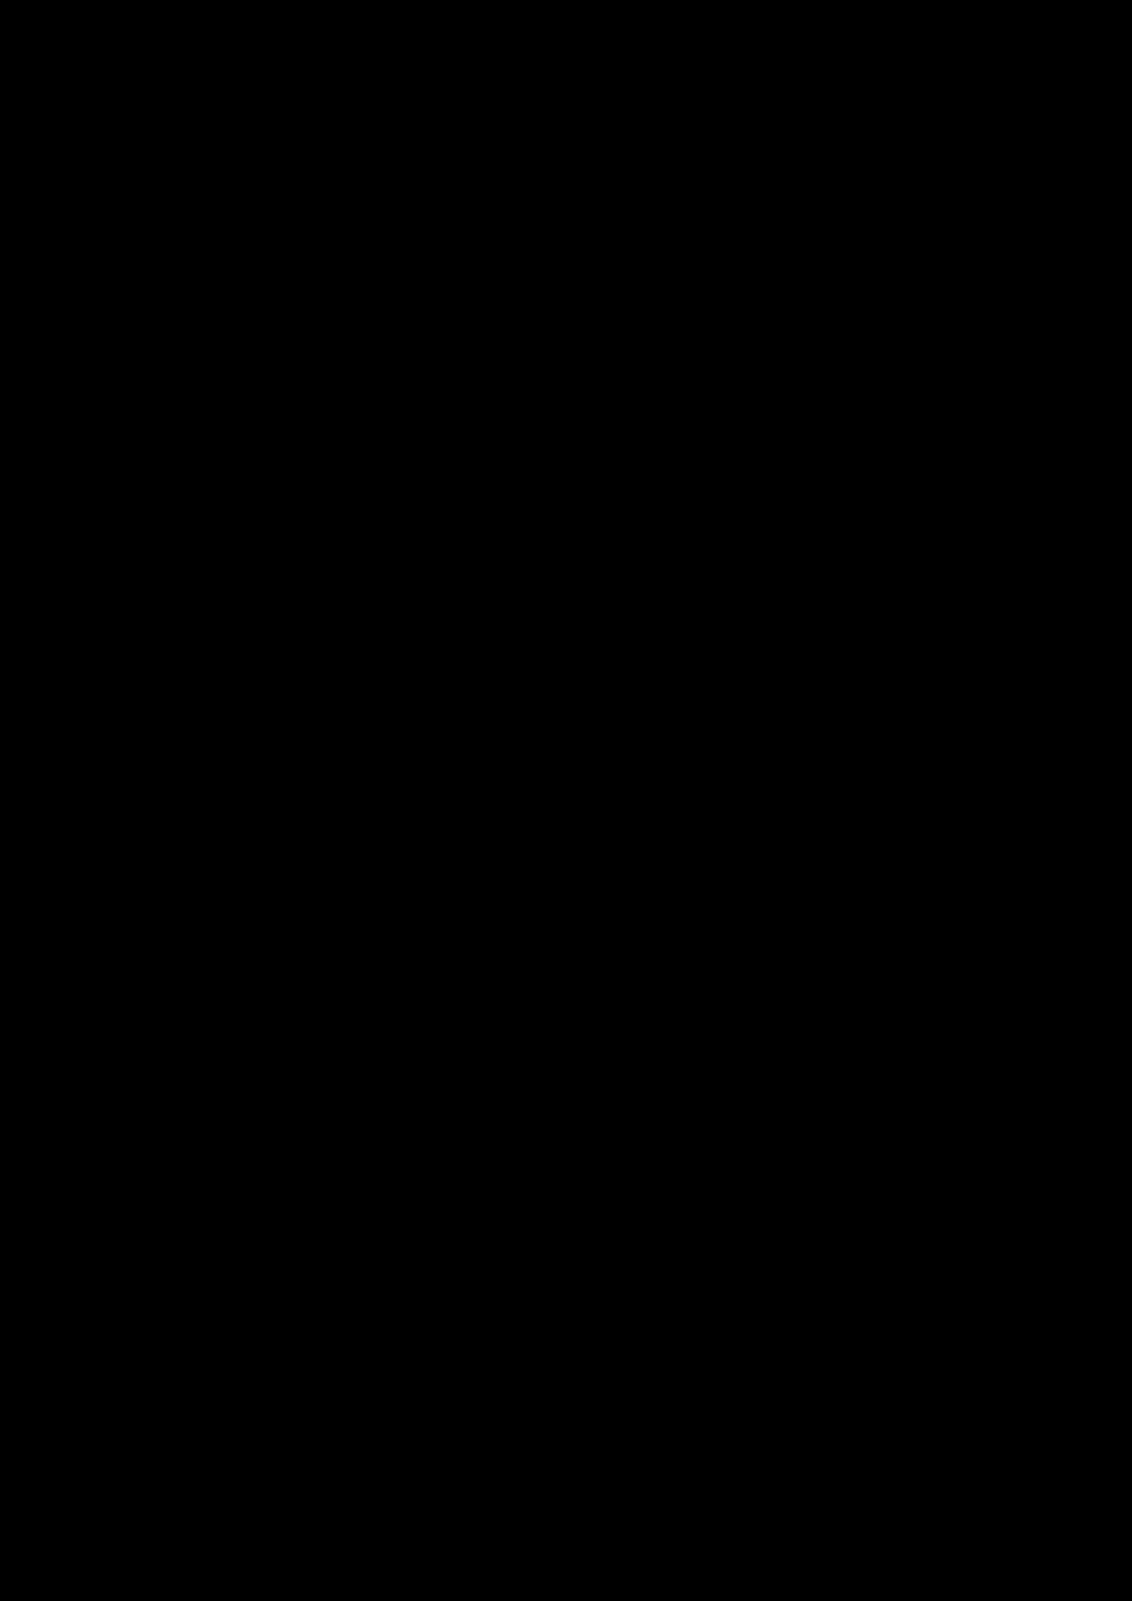 Prolog slide, Image 6